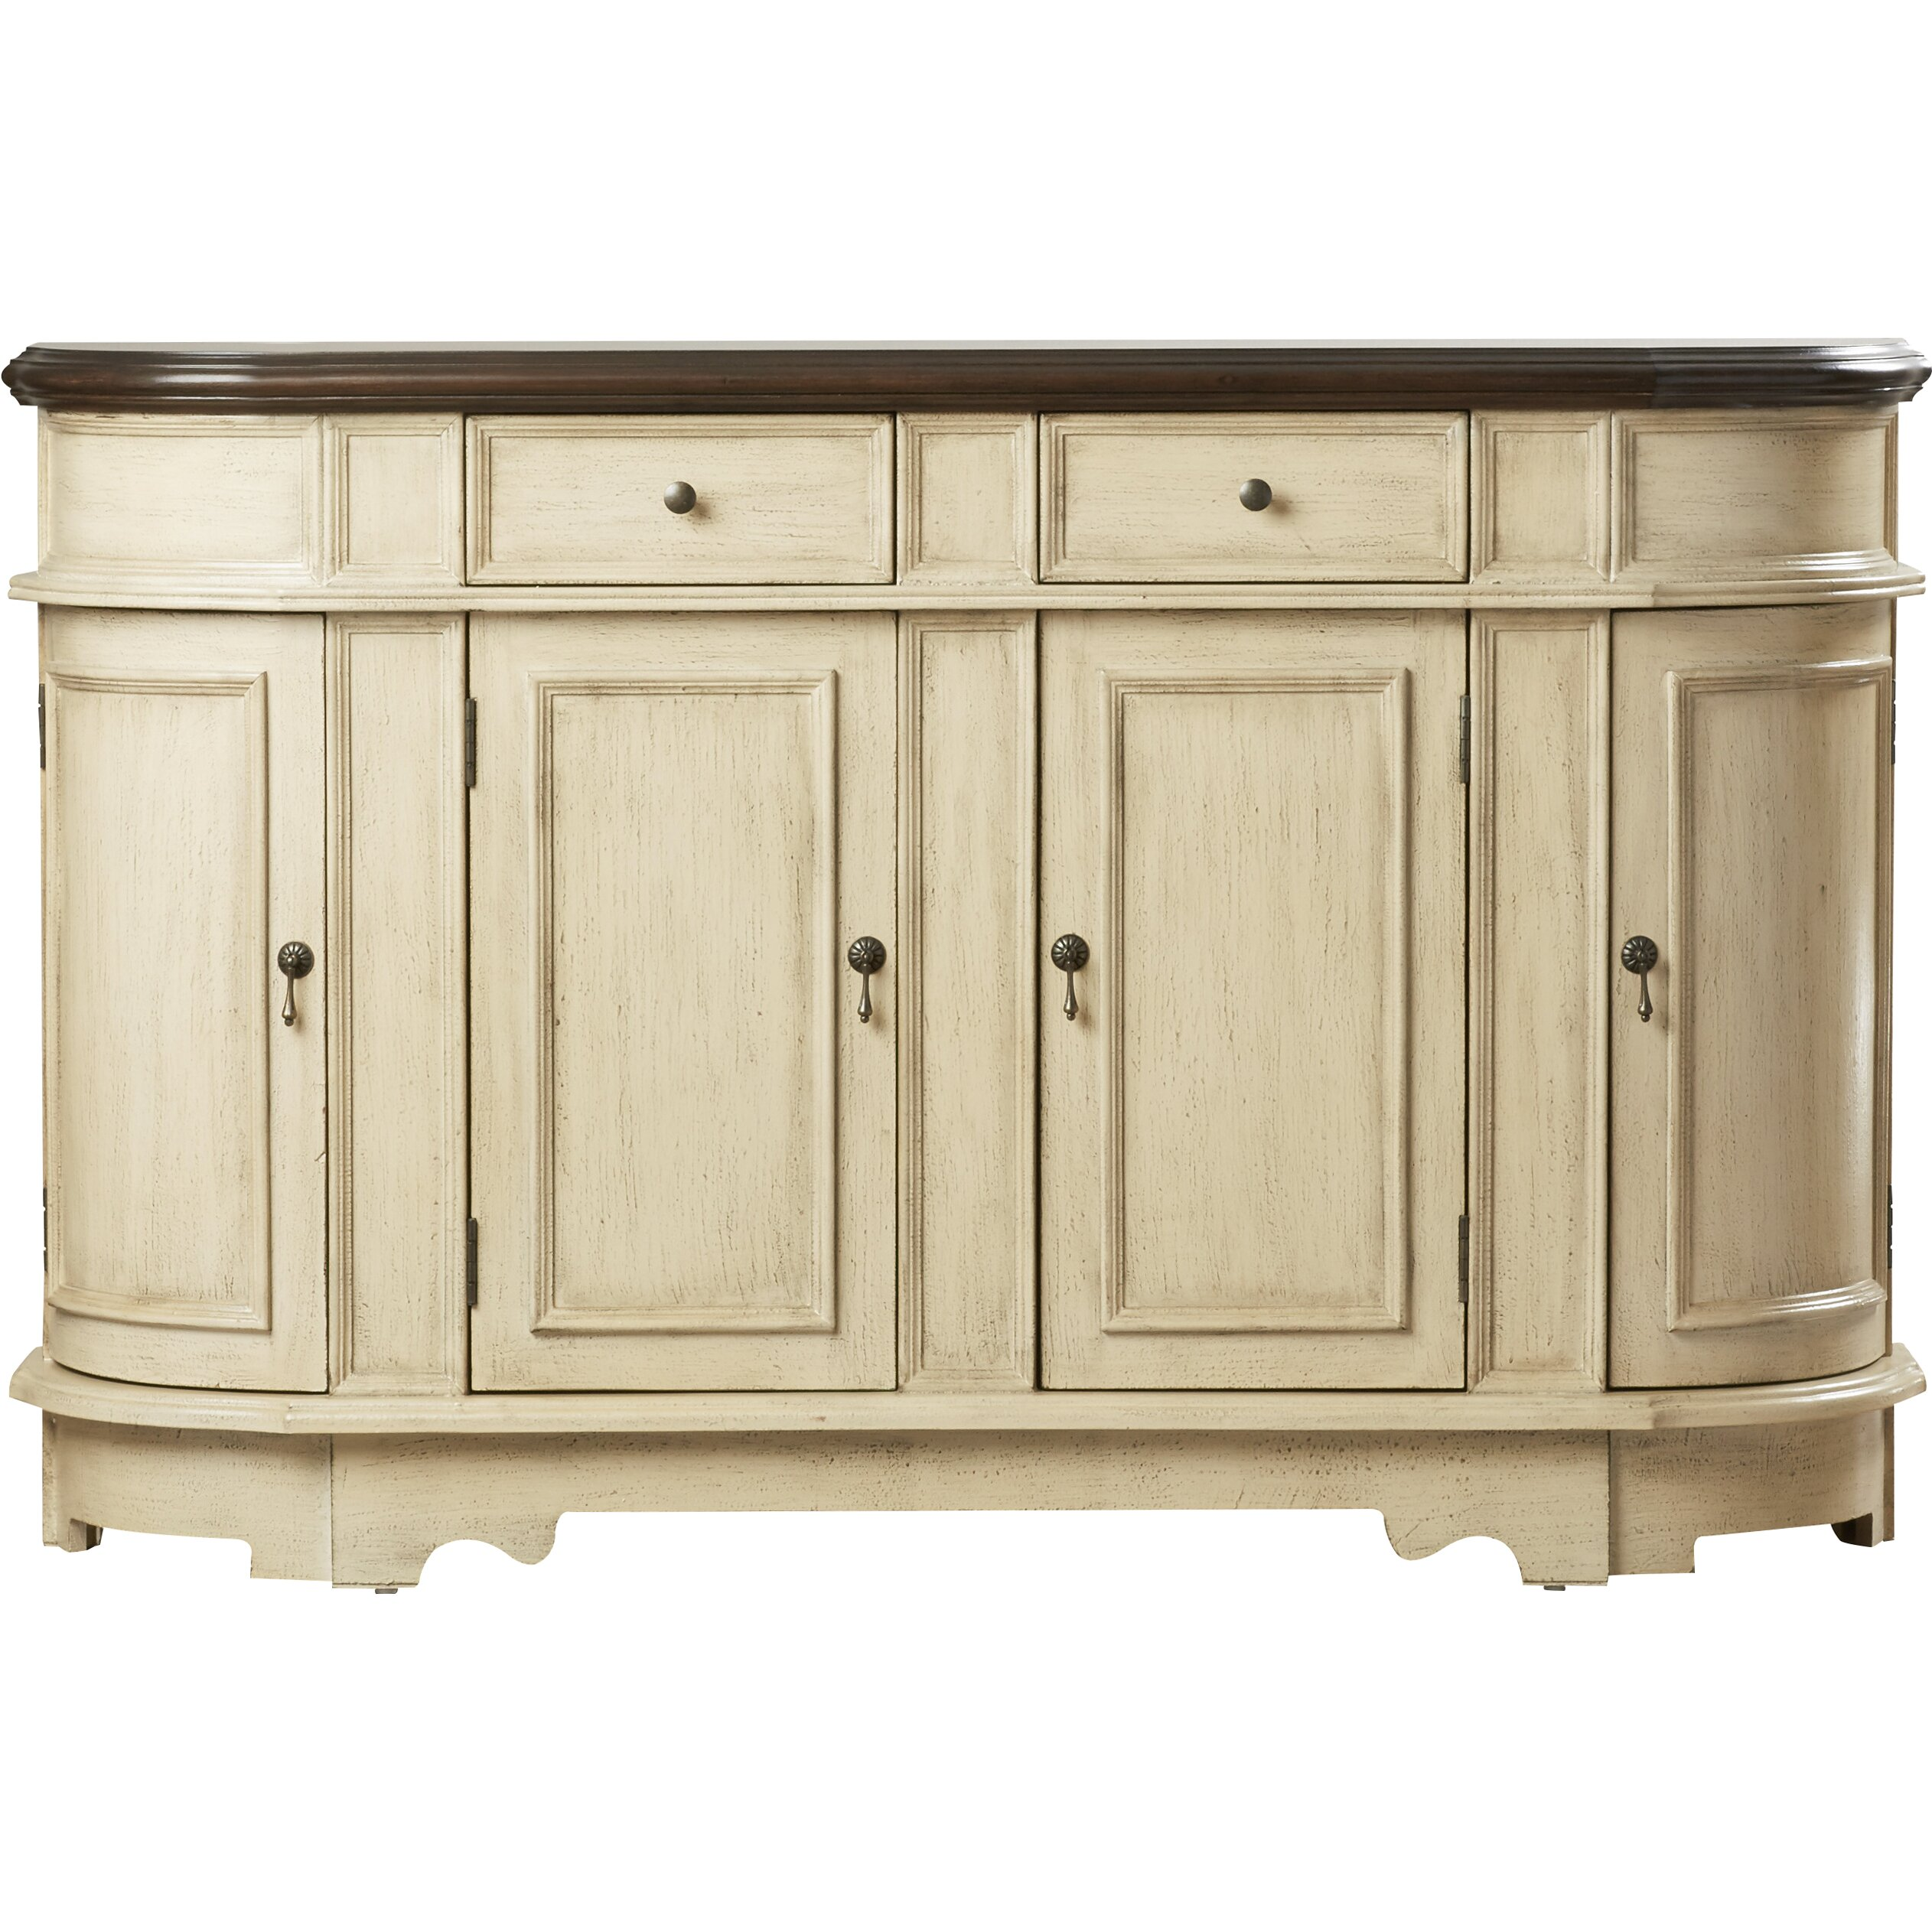 One Allium Way Tiger 2 Drawer 4 Door Accent Cabinet